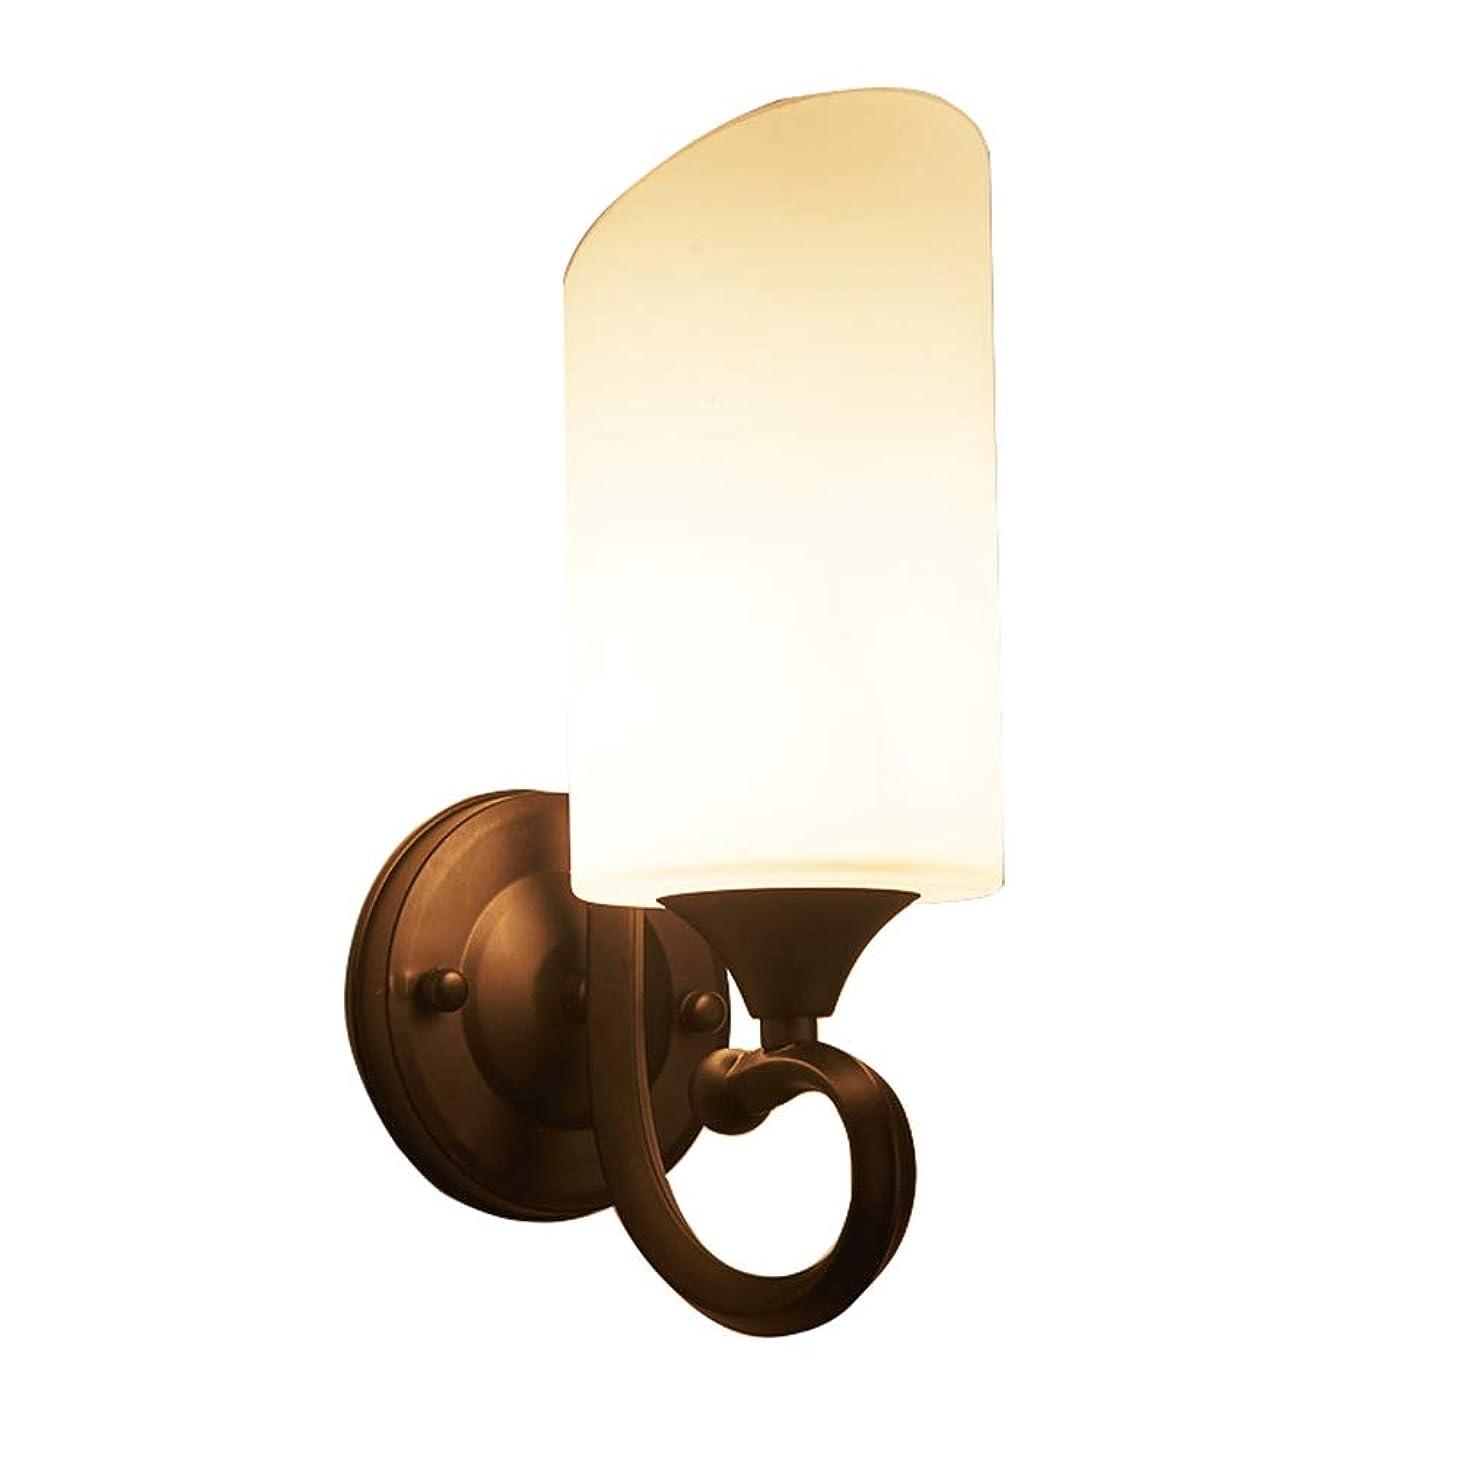 立派なほとんどないヨーグルトブラケットライト調整可能 ウォールライト 門灯 庭 壁掛け照明 玄壁掛け照明 玄関 現代のミニマリスト北欧クリエイティブベッドサイドランプ寝室ledウォールリビングルーム階段通路アメリカの寝室の壁ランプを飾る壁ライト アンティーク調 工業北欧風 照明器具 (色 : 白, サイズ : 23*11cm)